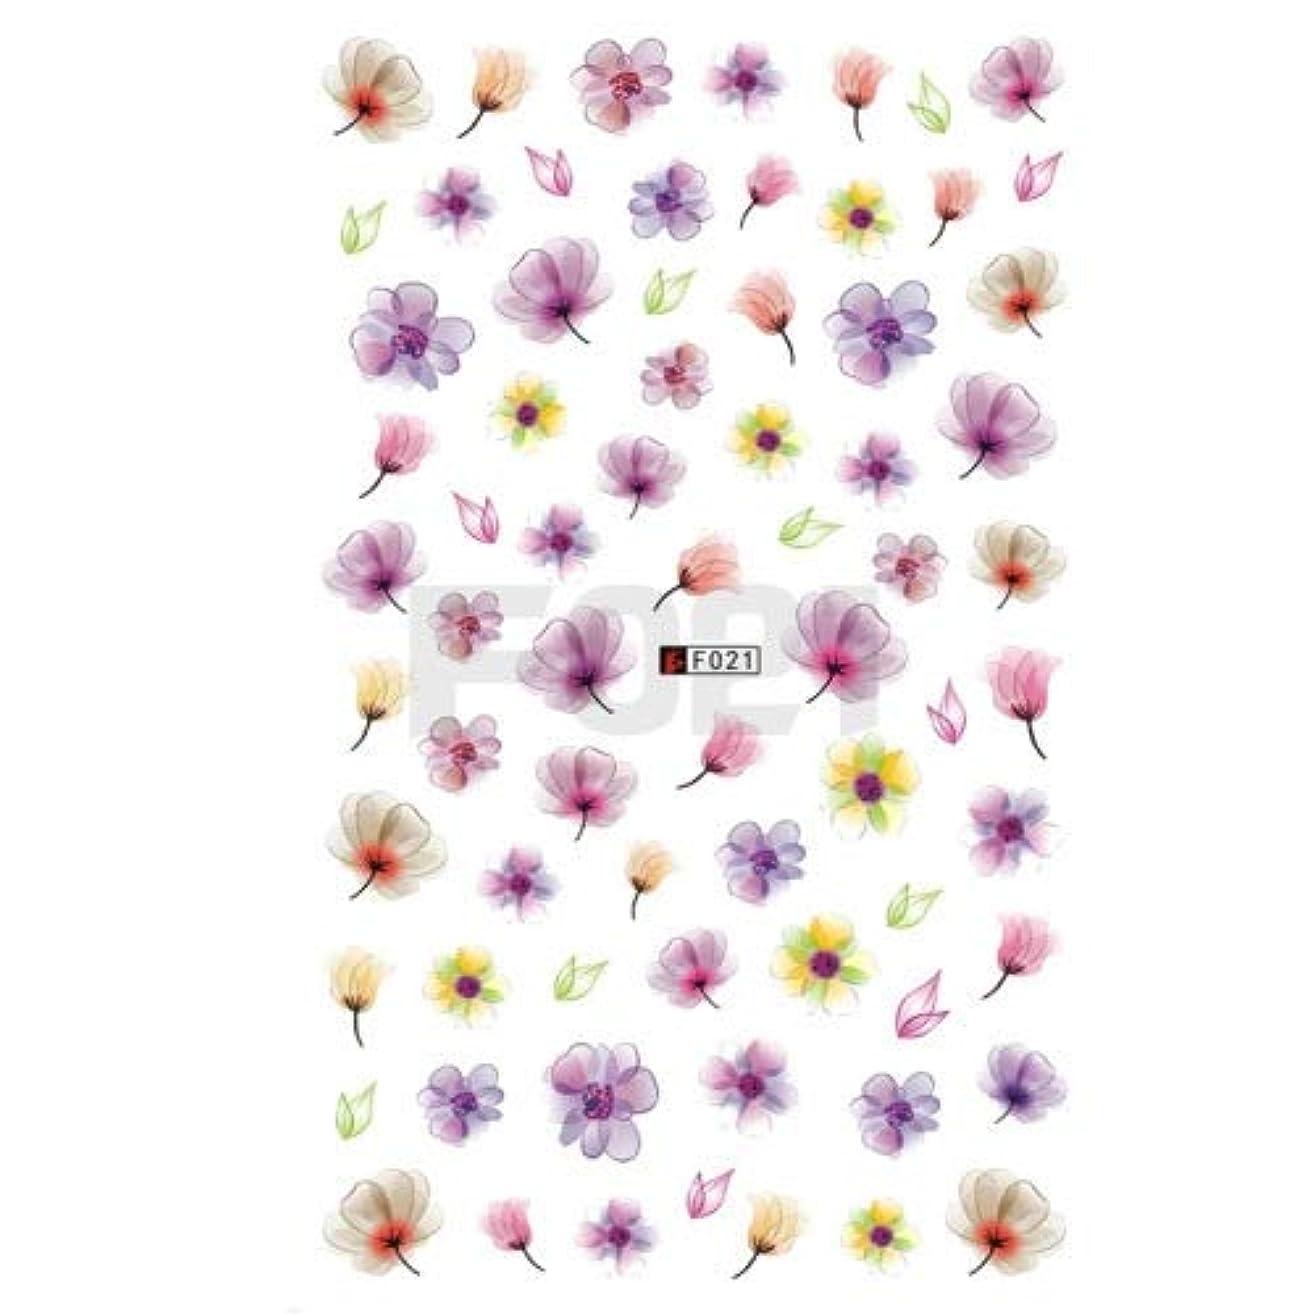 レガシー退院パンツビューティー&パーソナルケア 3個の3Dネイルステッカー咲く花3Dネイルアートステッカーデカール(F199) ステッカー&デカール (色 : F021)